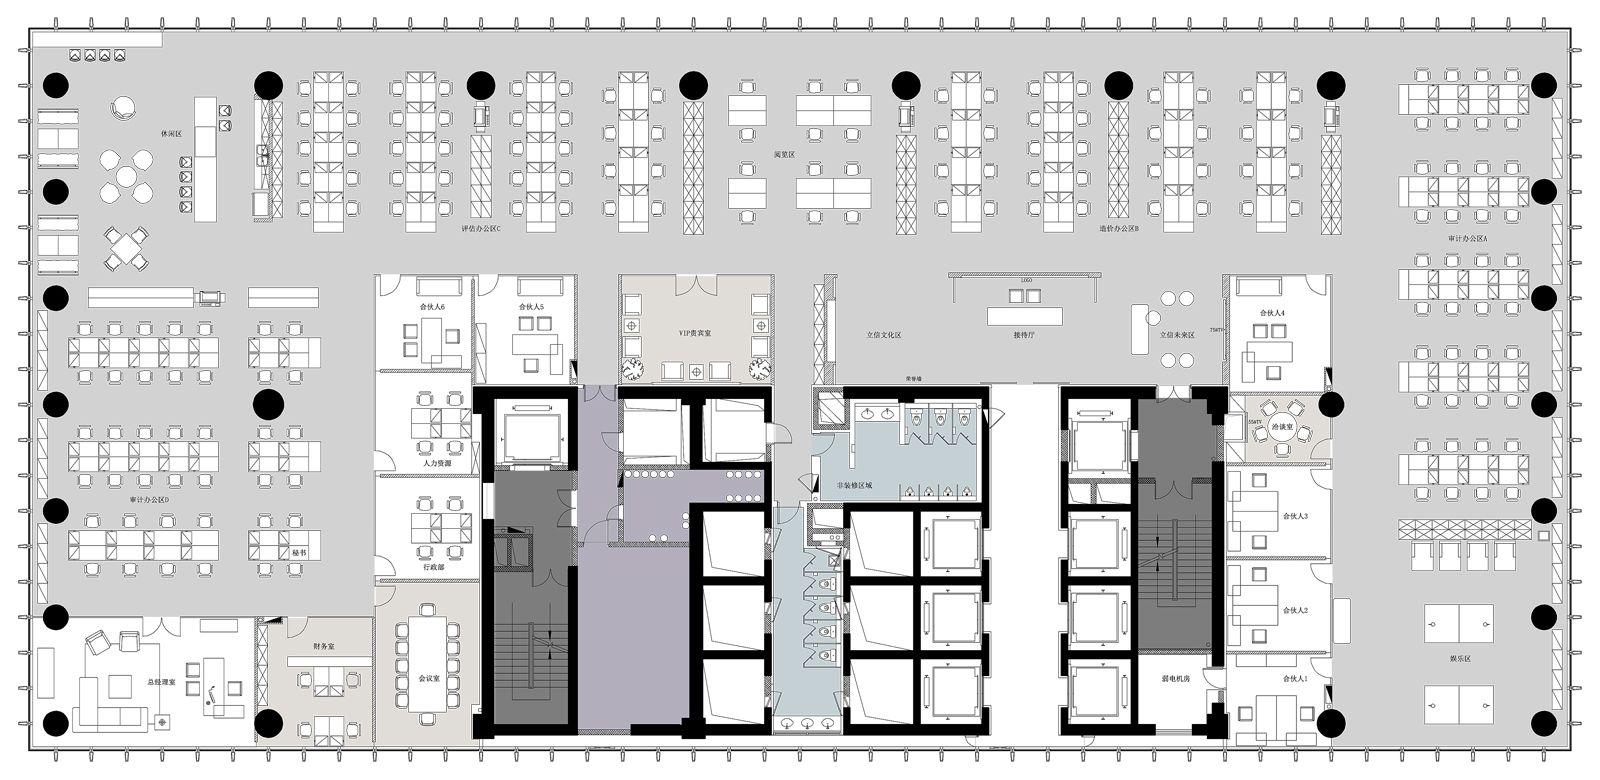 BDO立信湖北保利大厦 | 申远空间设计